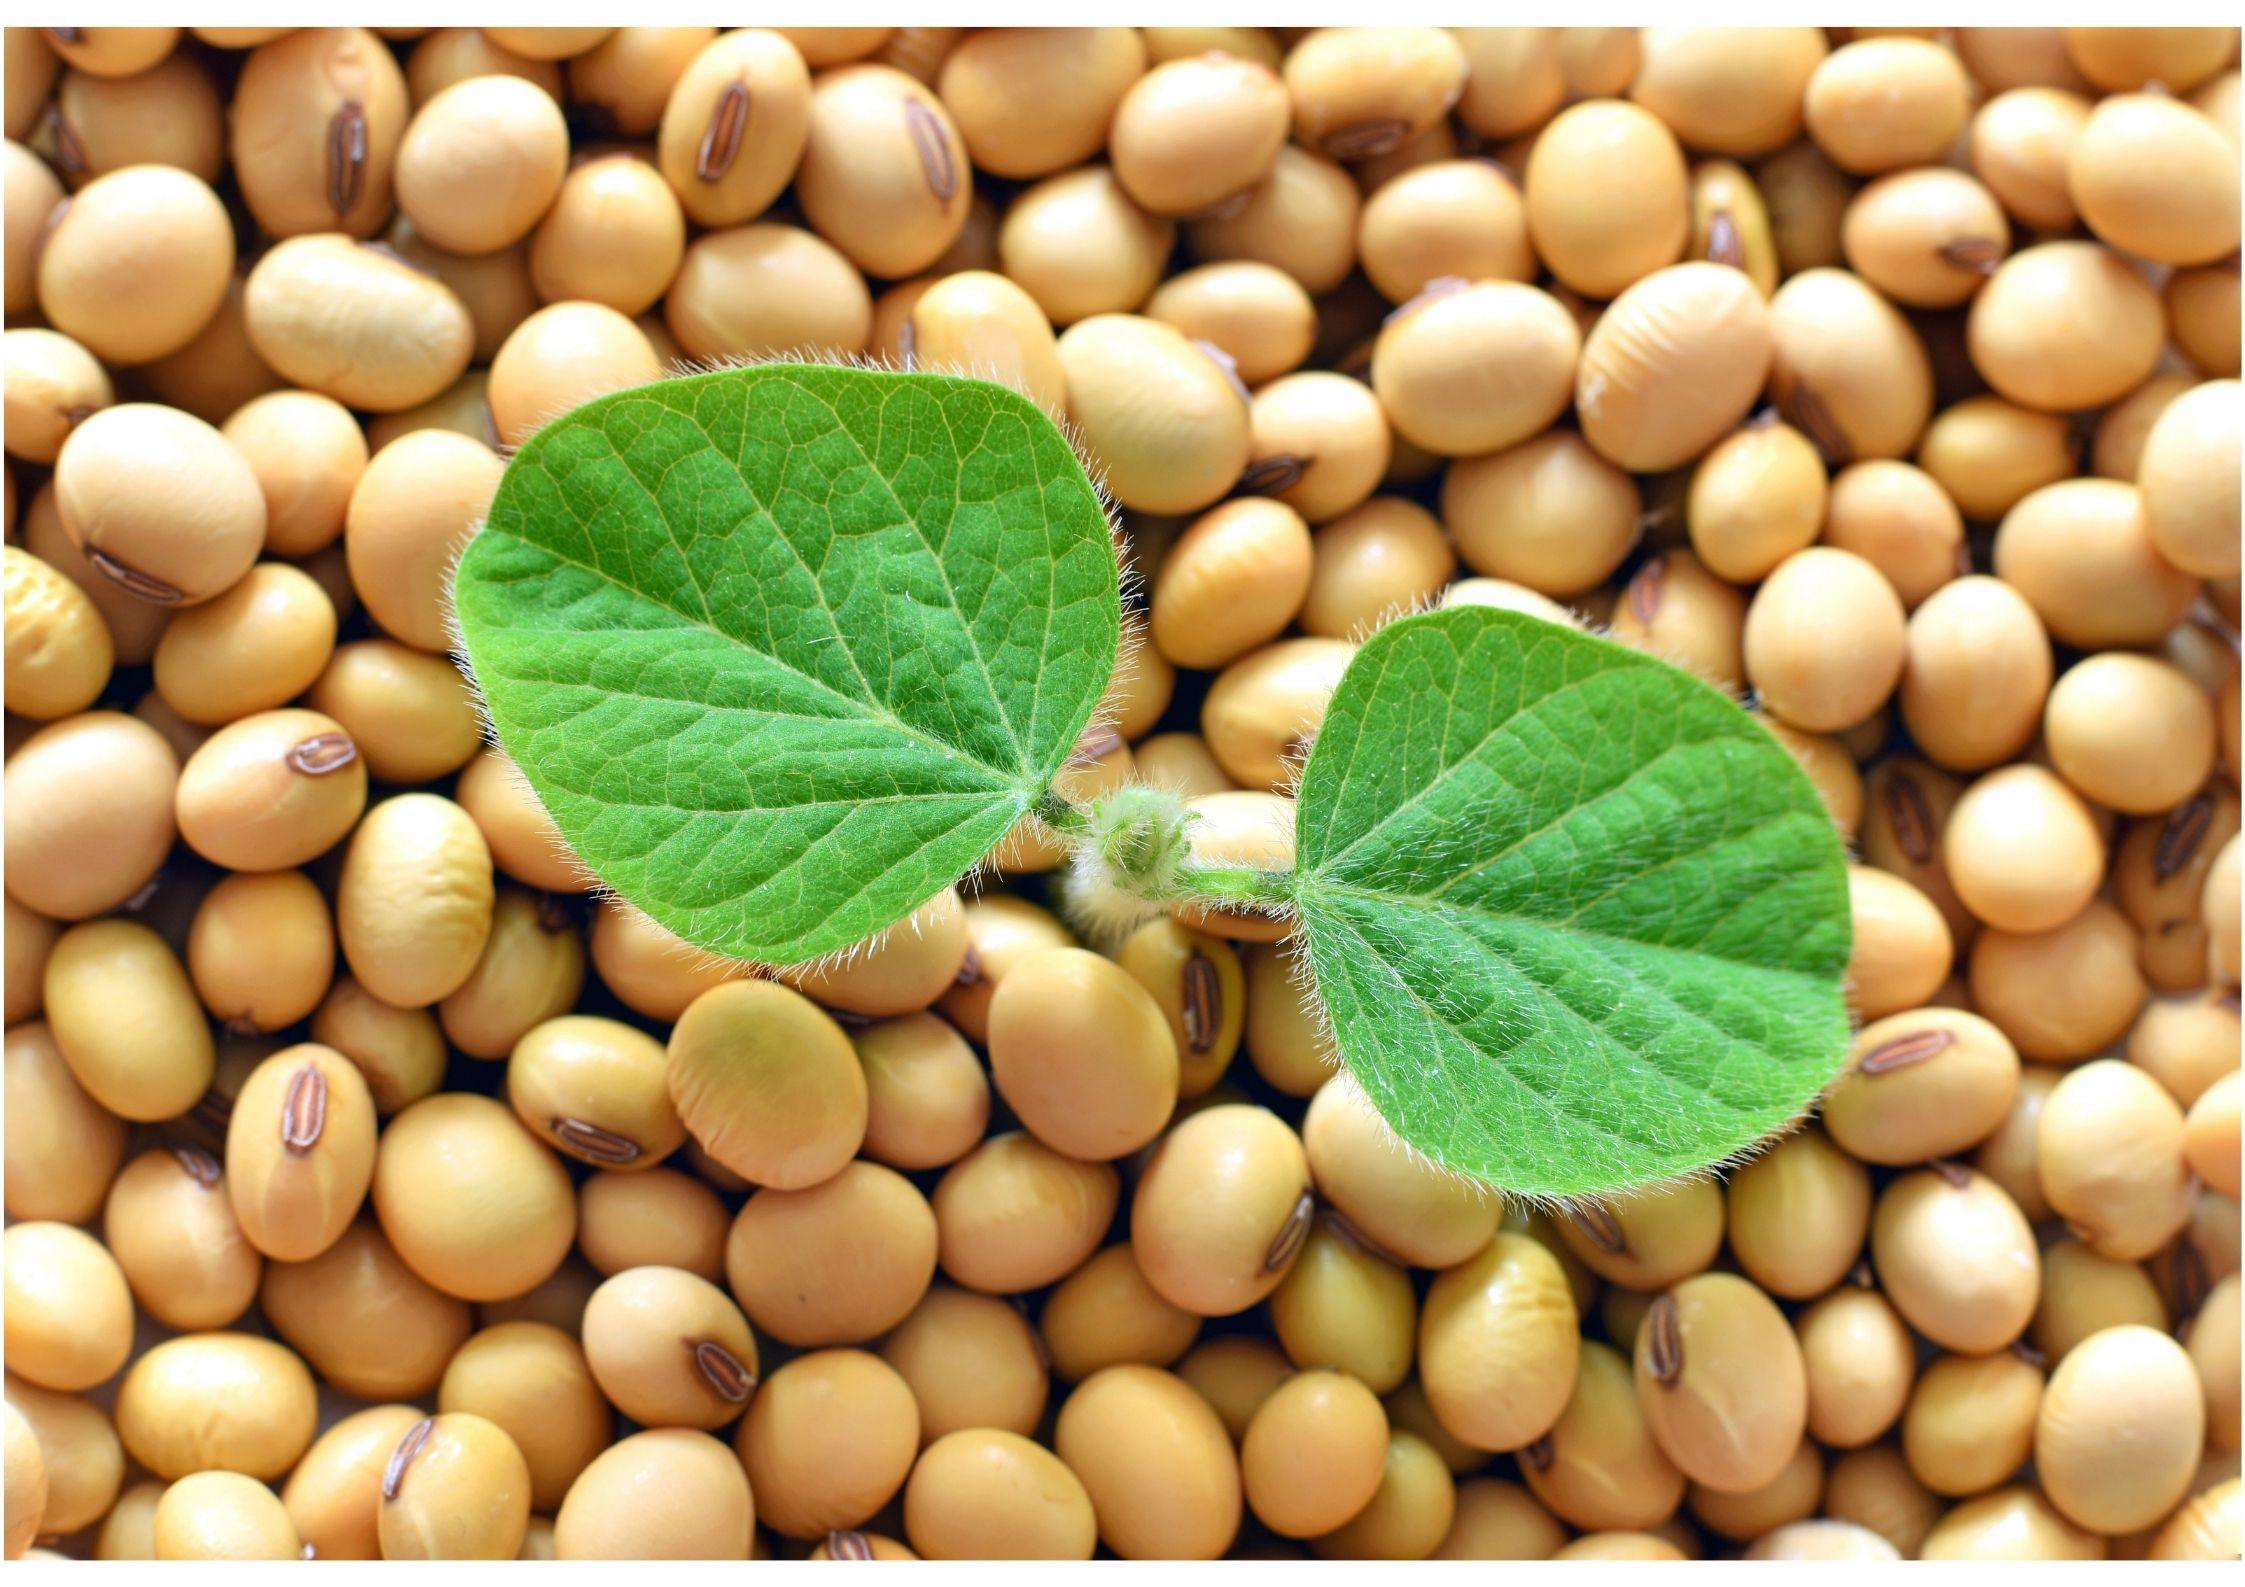 Manfaat Kacang Kedelai terhadap Kesehatan Jantung